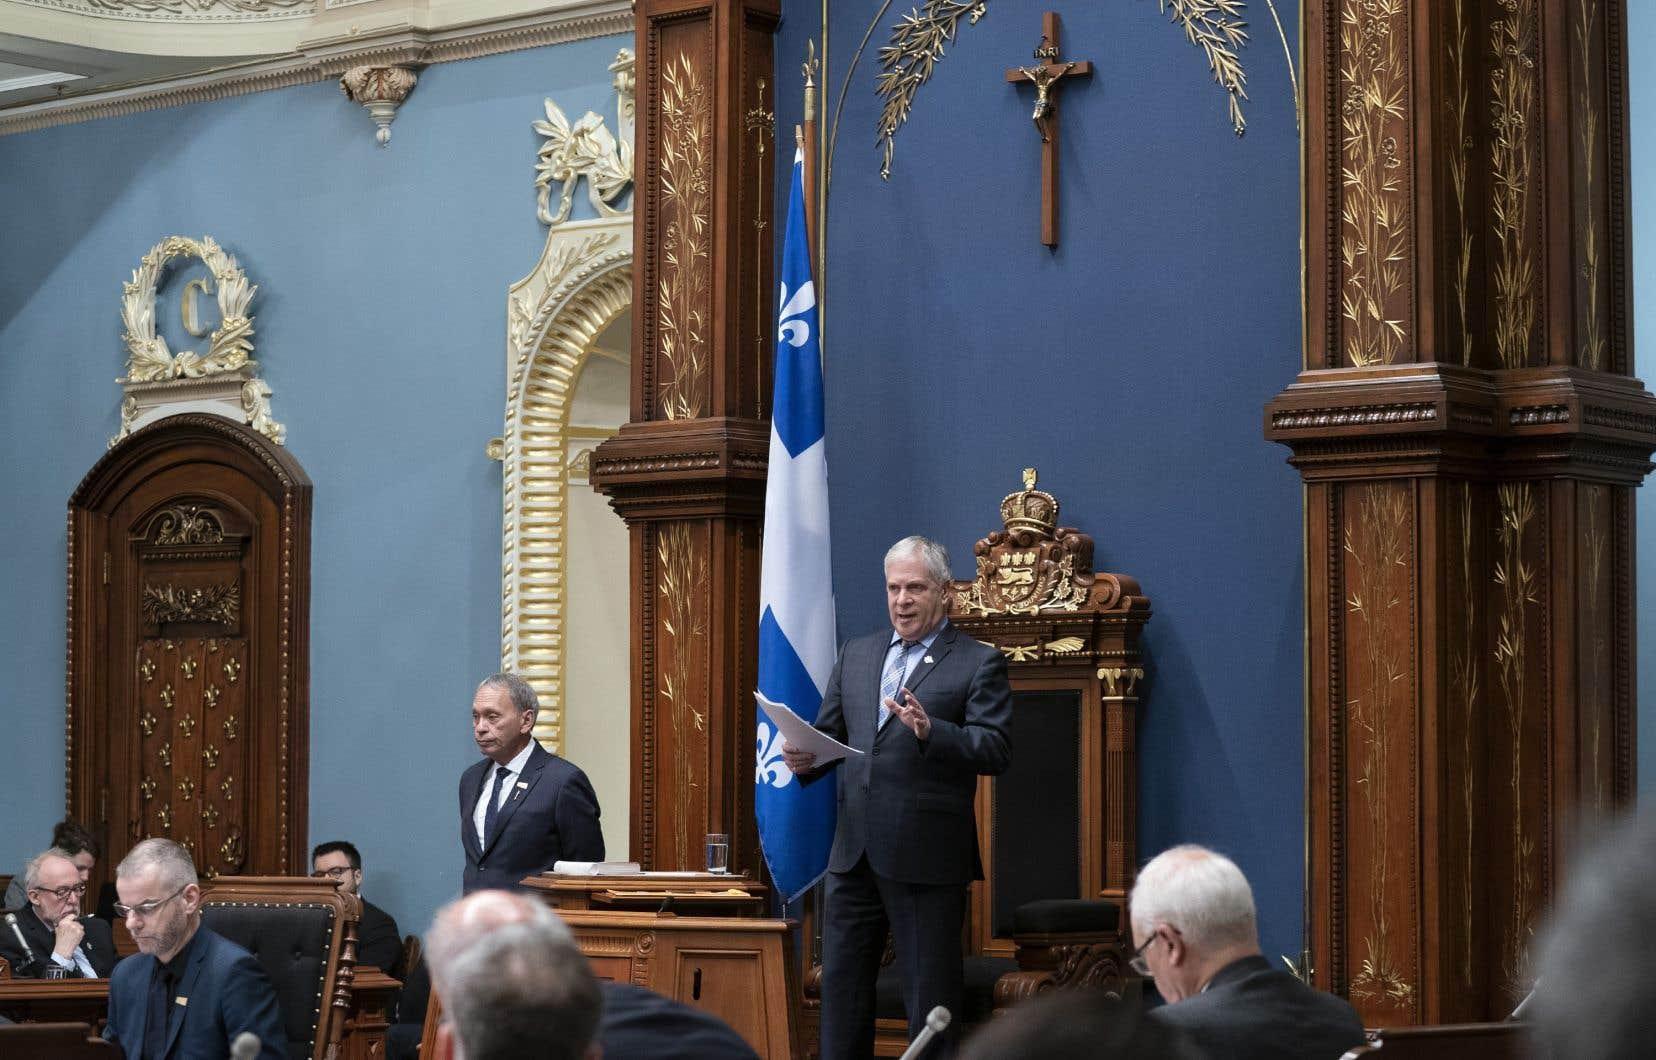 La majorité des Québécois s'identifie encore au christianisme qui a marqué son histoire, et tient à la présence du crucifix à l'Assemblée nationale, affirme l'auteur.